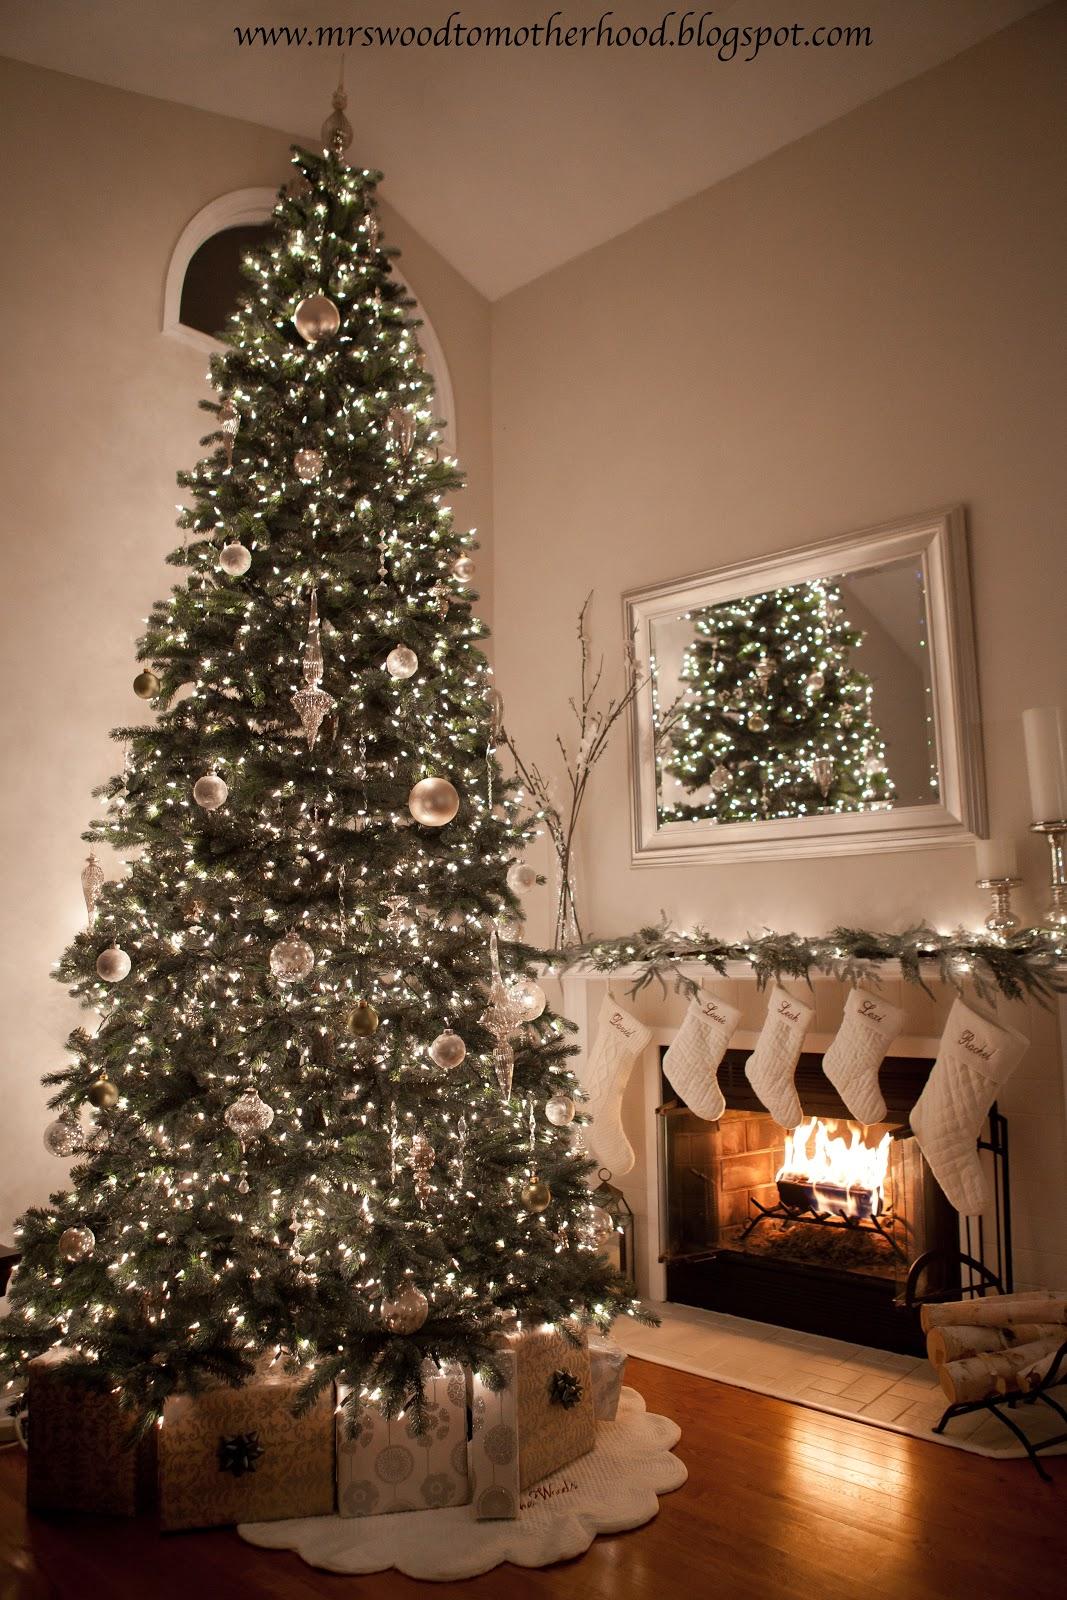 Mrs. Wood to Motherhood: Christmas Decor Home Tour!